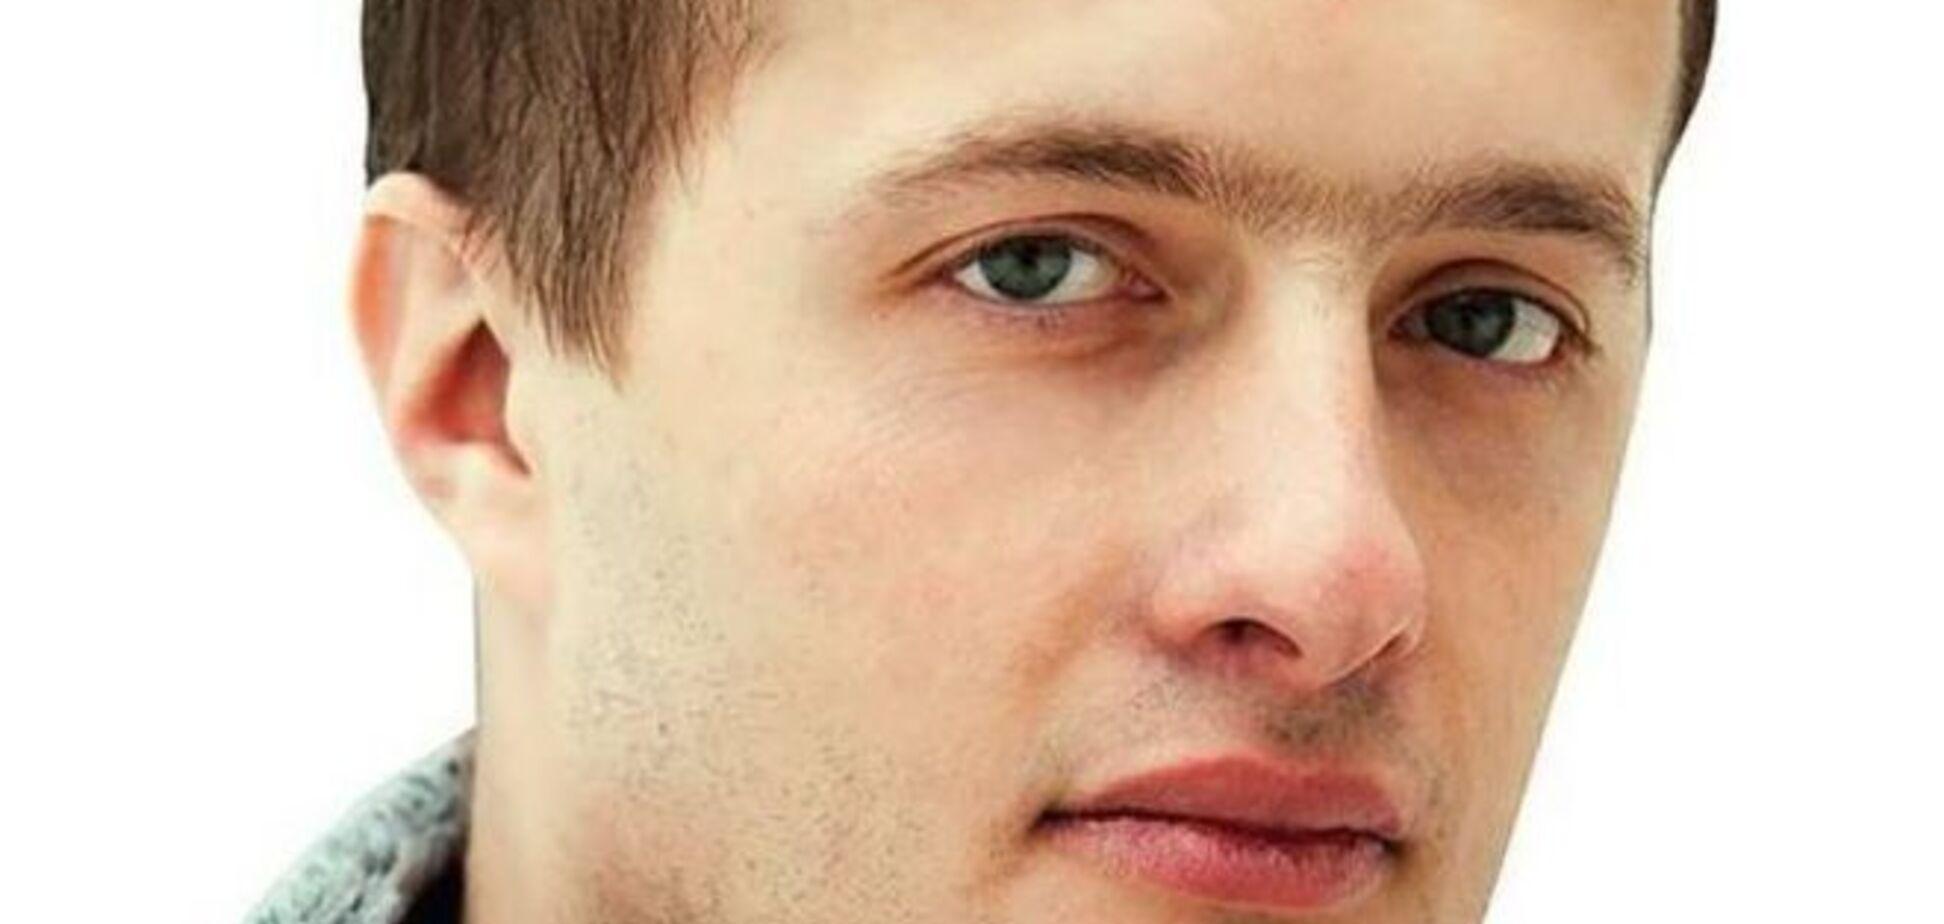 Террористы знают каждого в лицо, но не увидели сына Порошенко на передовой